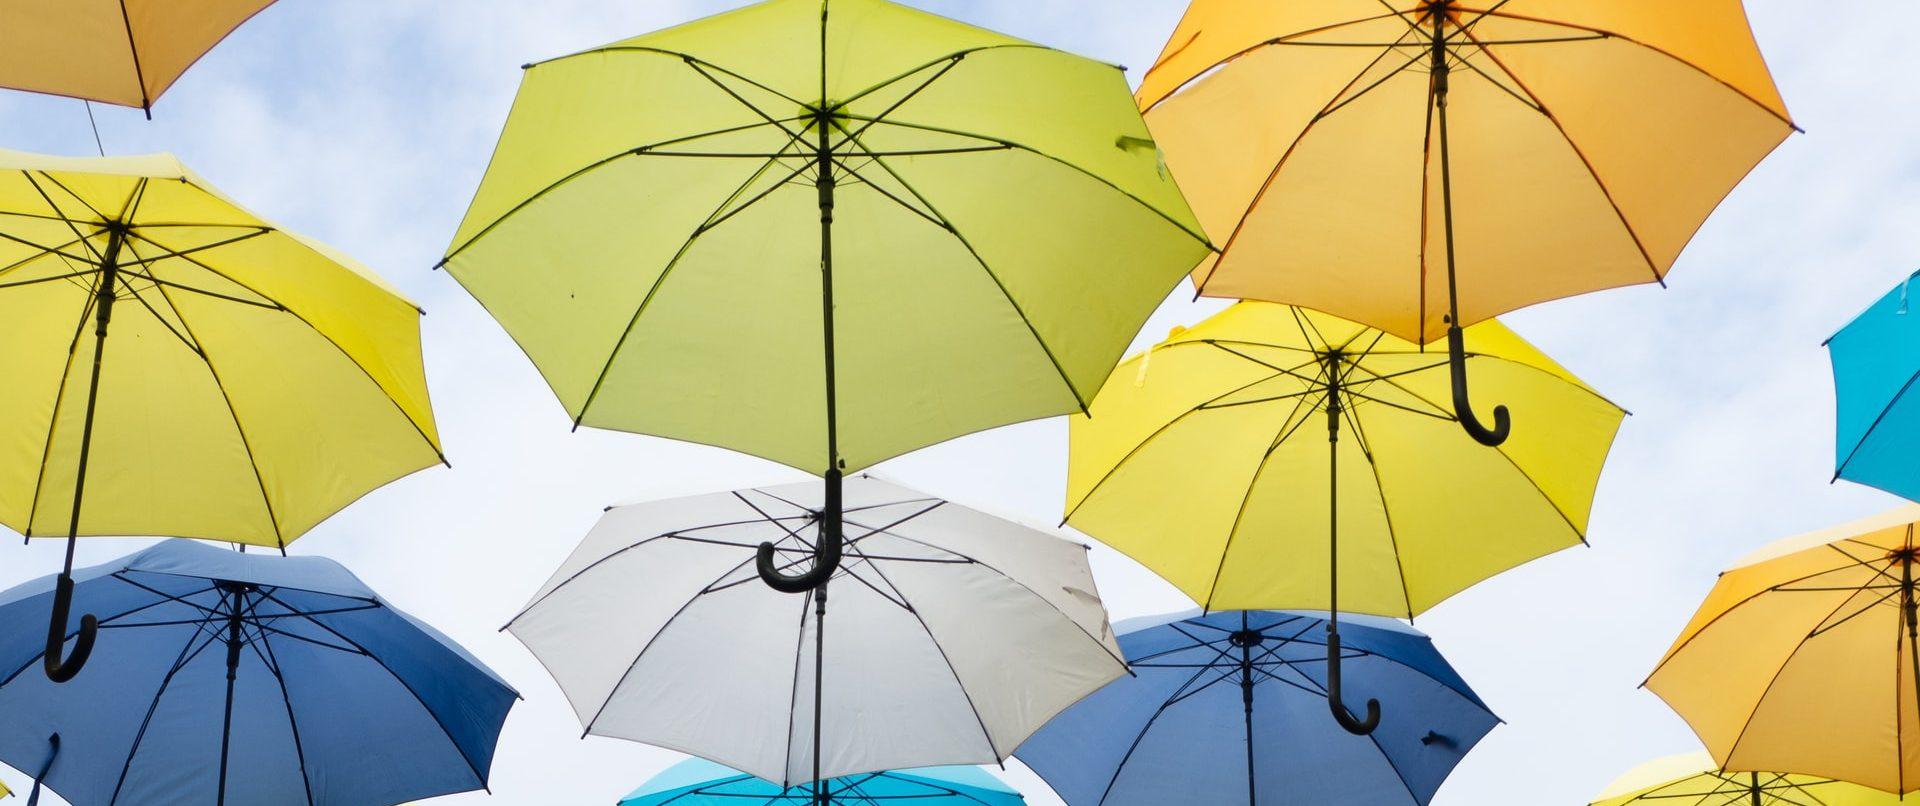 Mercado de seguros no Brasil: o que os números dizem?